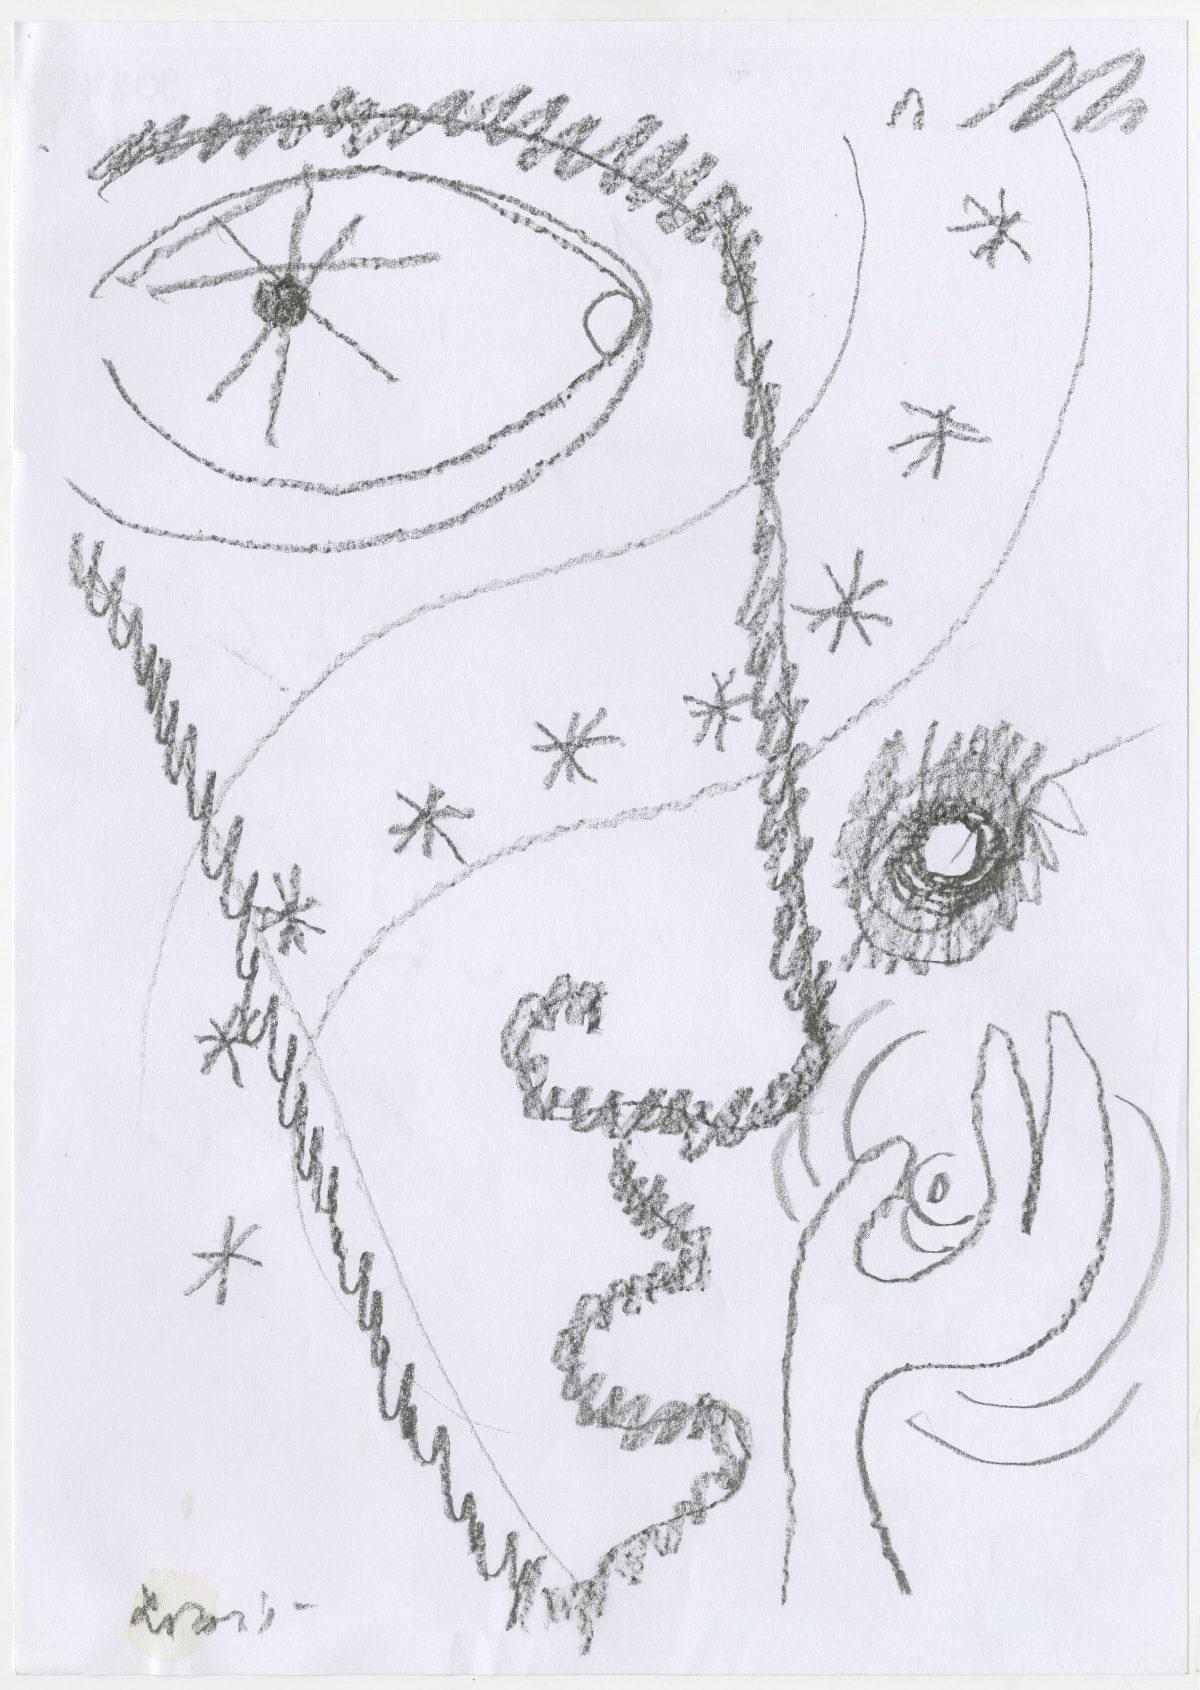 G09087(68)<br/> <b>Cím:</b> A művészet indirekt szexualitás <br/> <b>Méret cm:</b> 29,6x21 <br/> <b>Készült:</b> 2003. <br/> <b>Technika:</b> ceruza<br/>